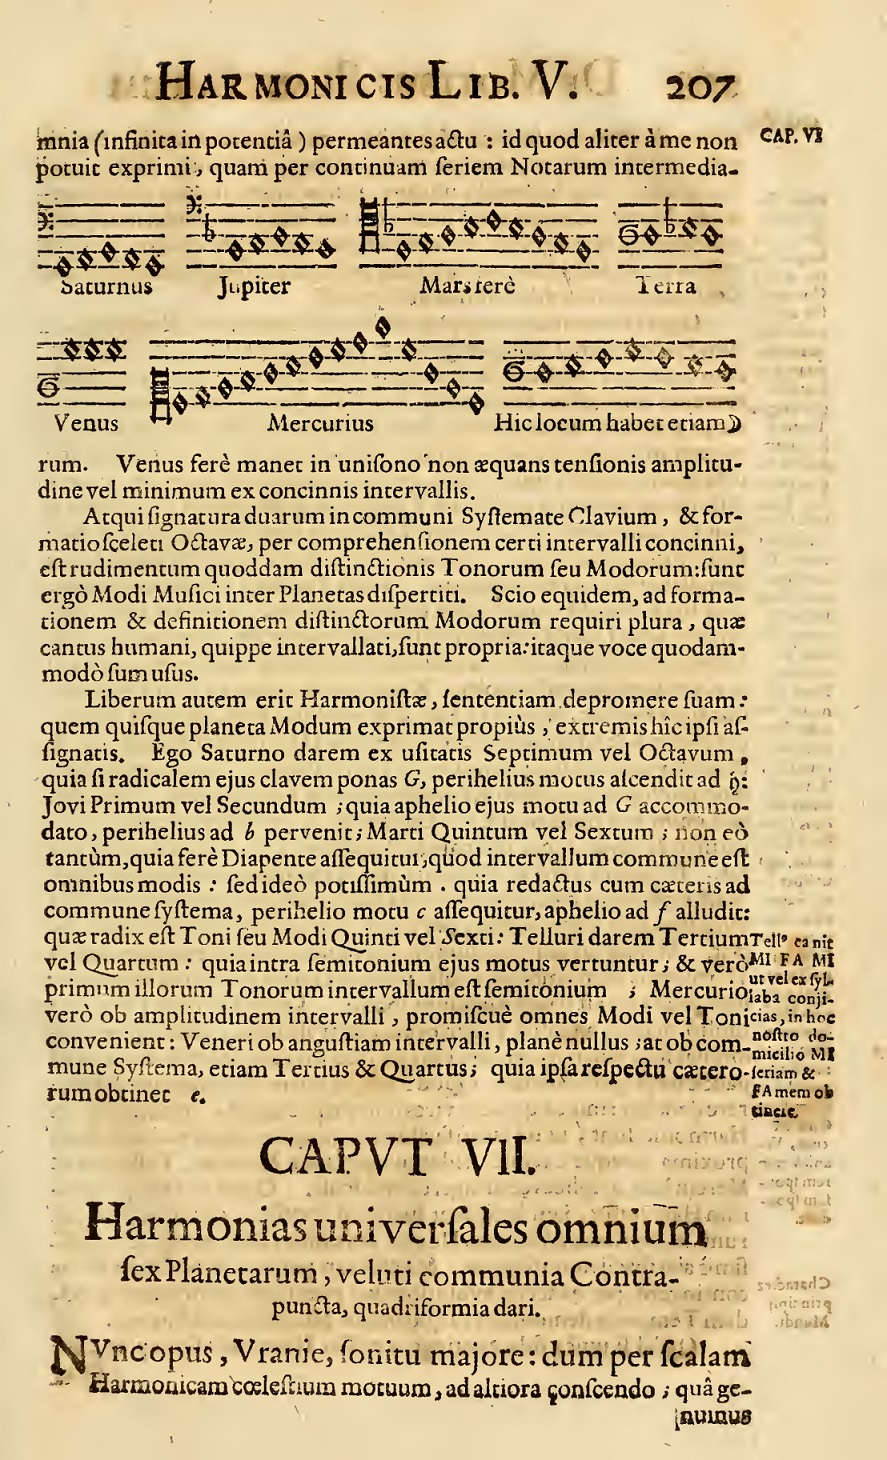 刊於《天地間之和諧》的行星組曲(圖像來源:Archive.org)對應之星體依序為:(上排)土星、木星、火星、地球;(下排)金星、水星、月球